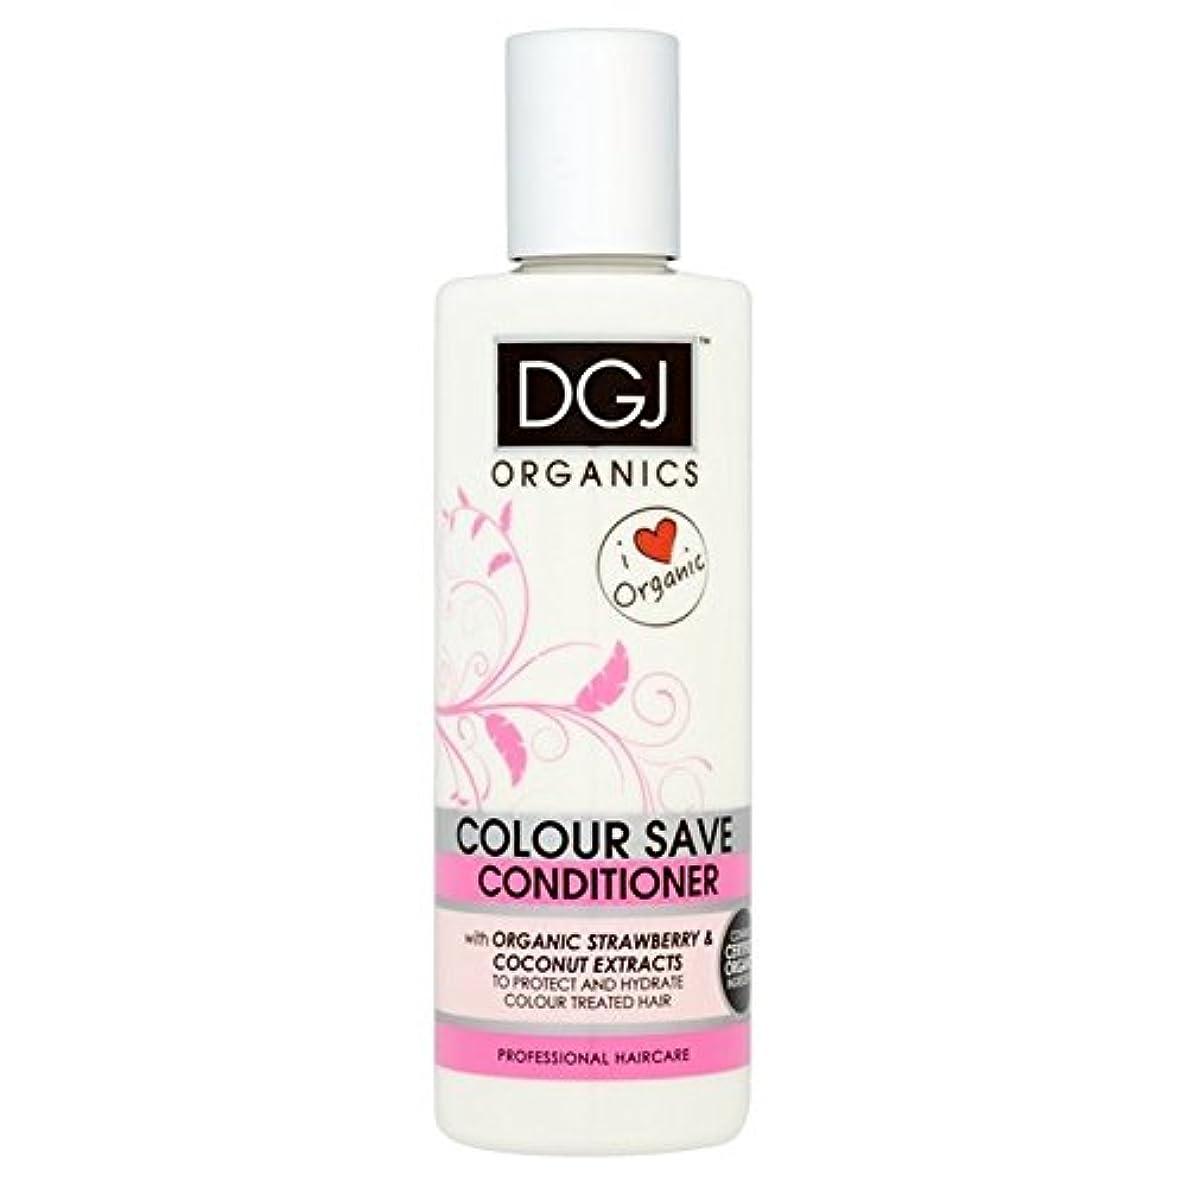 長さ集団的多分DGJ Organics Colour Save Conditioner 250ml - 有機物の色コンディショナー250を保存 [並行輸入品]